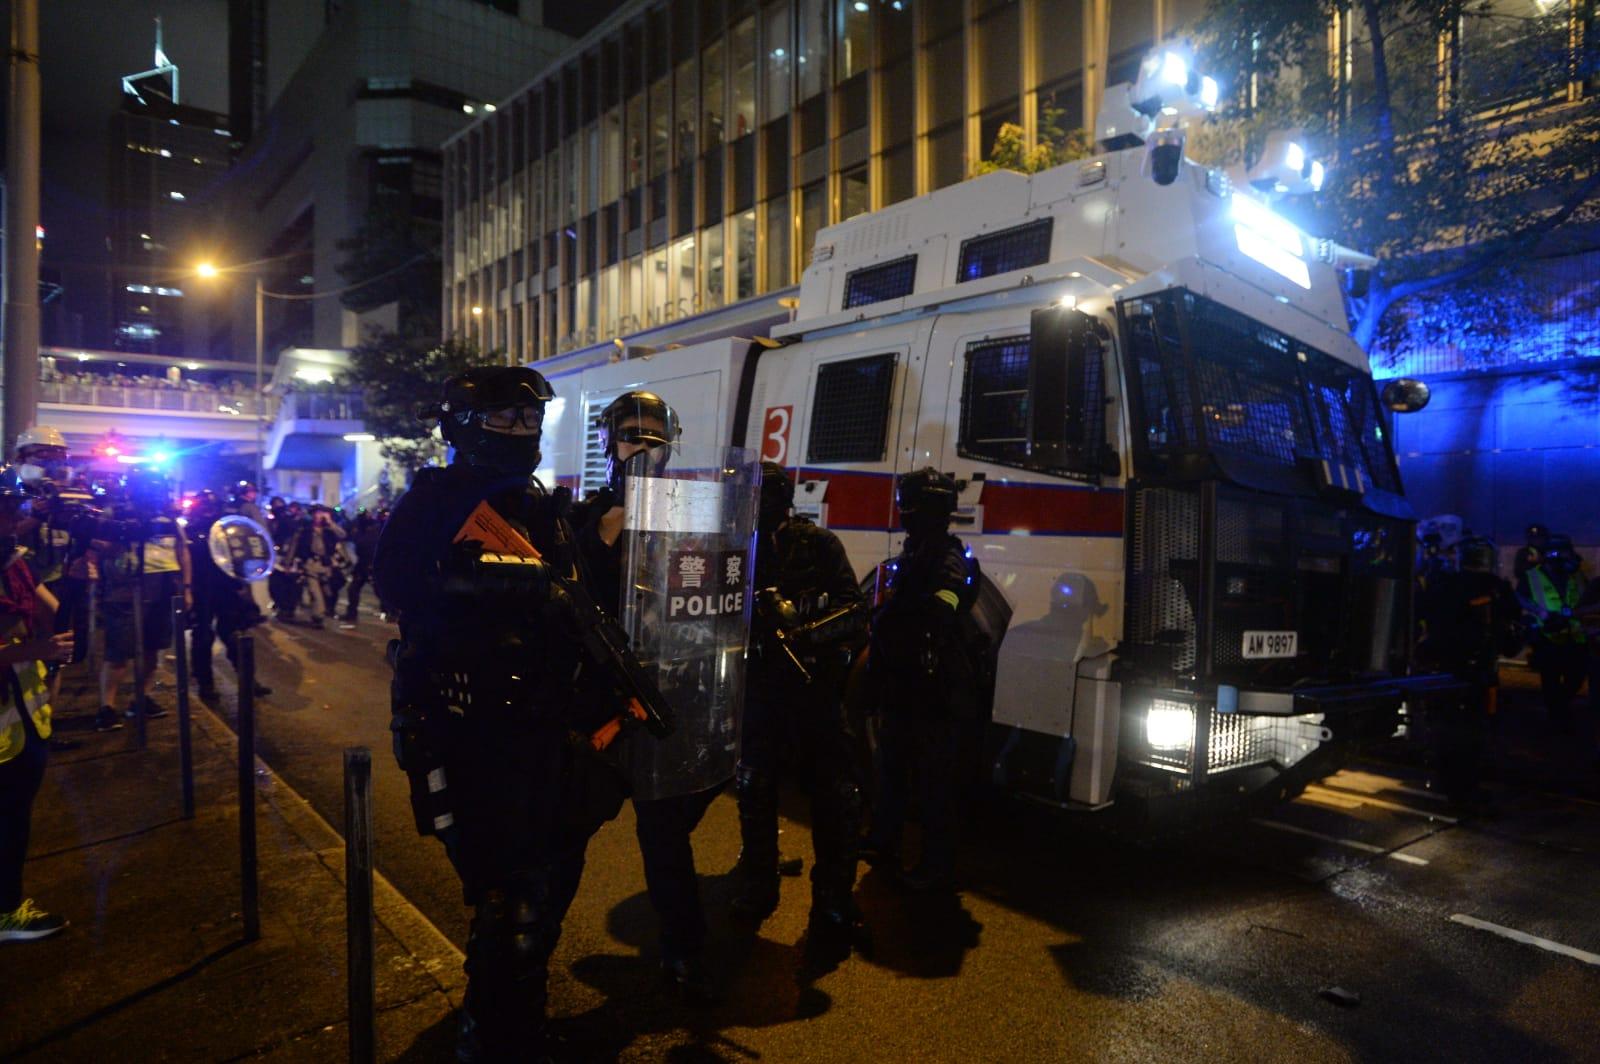 【逃犯條例】警總外火勢救熄速龍清場 多名示威者被制服有人送院